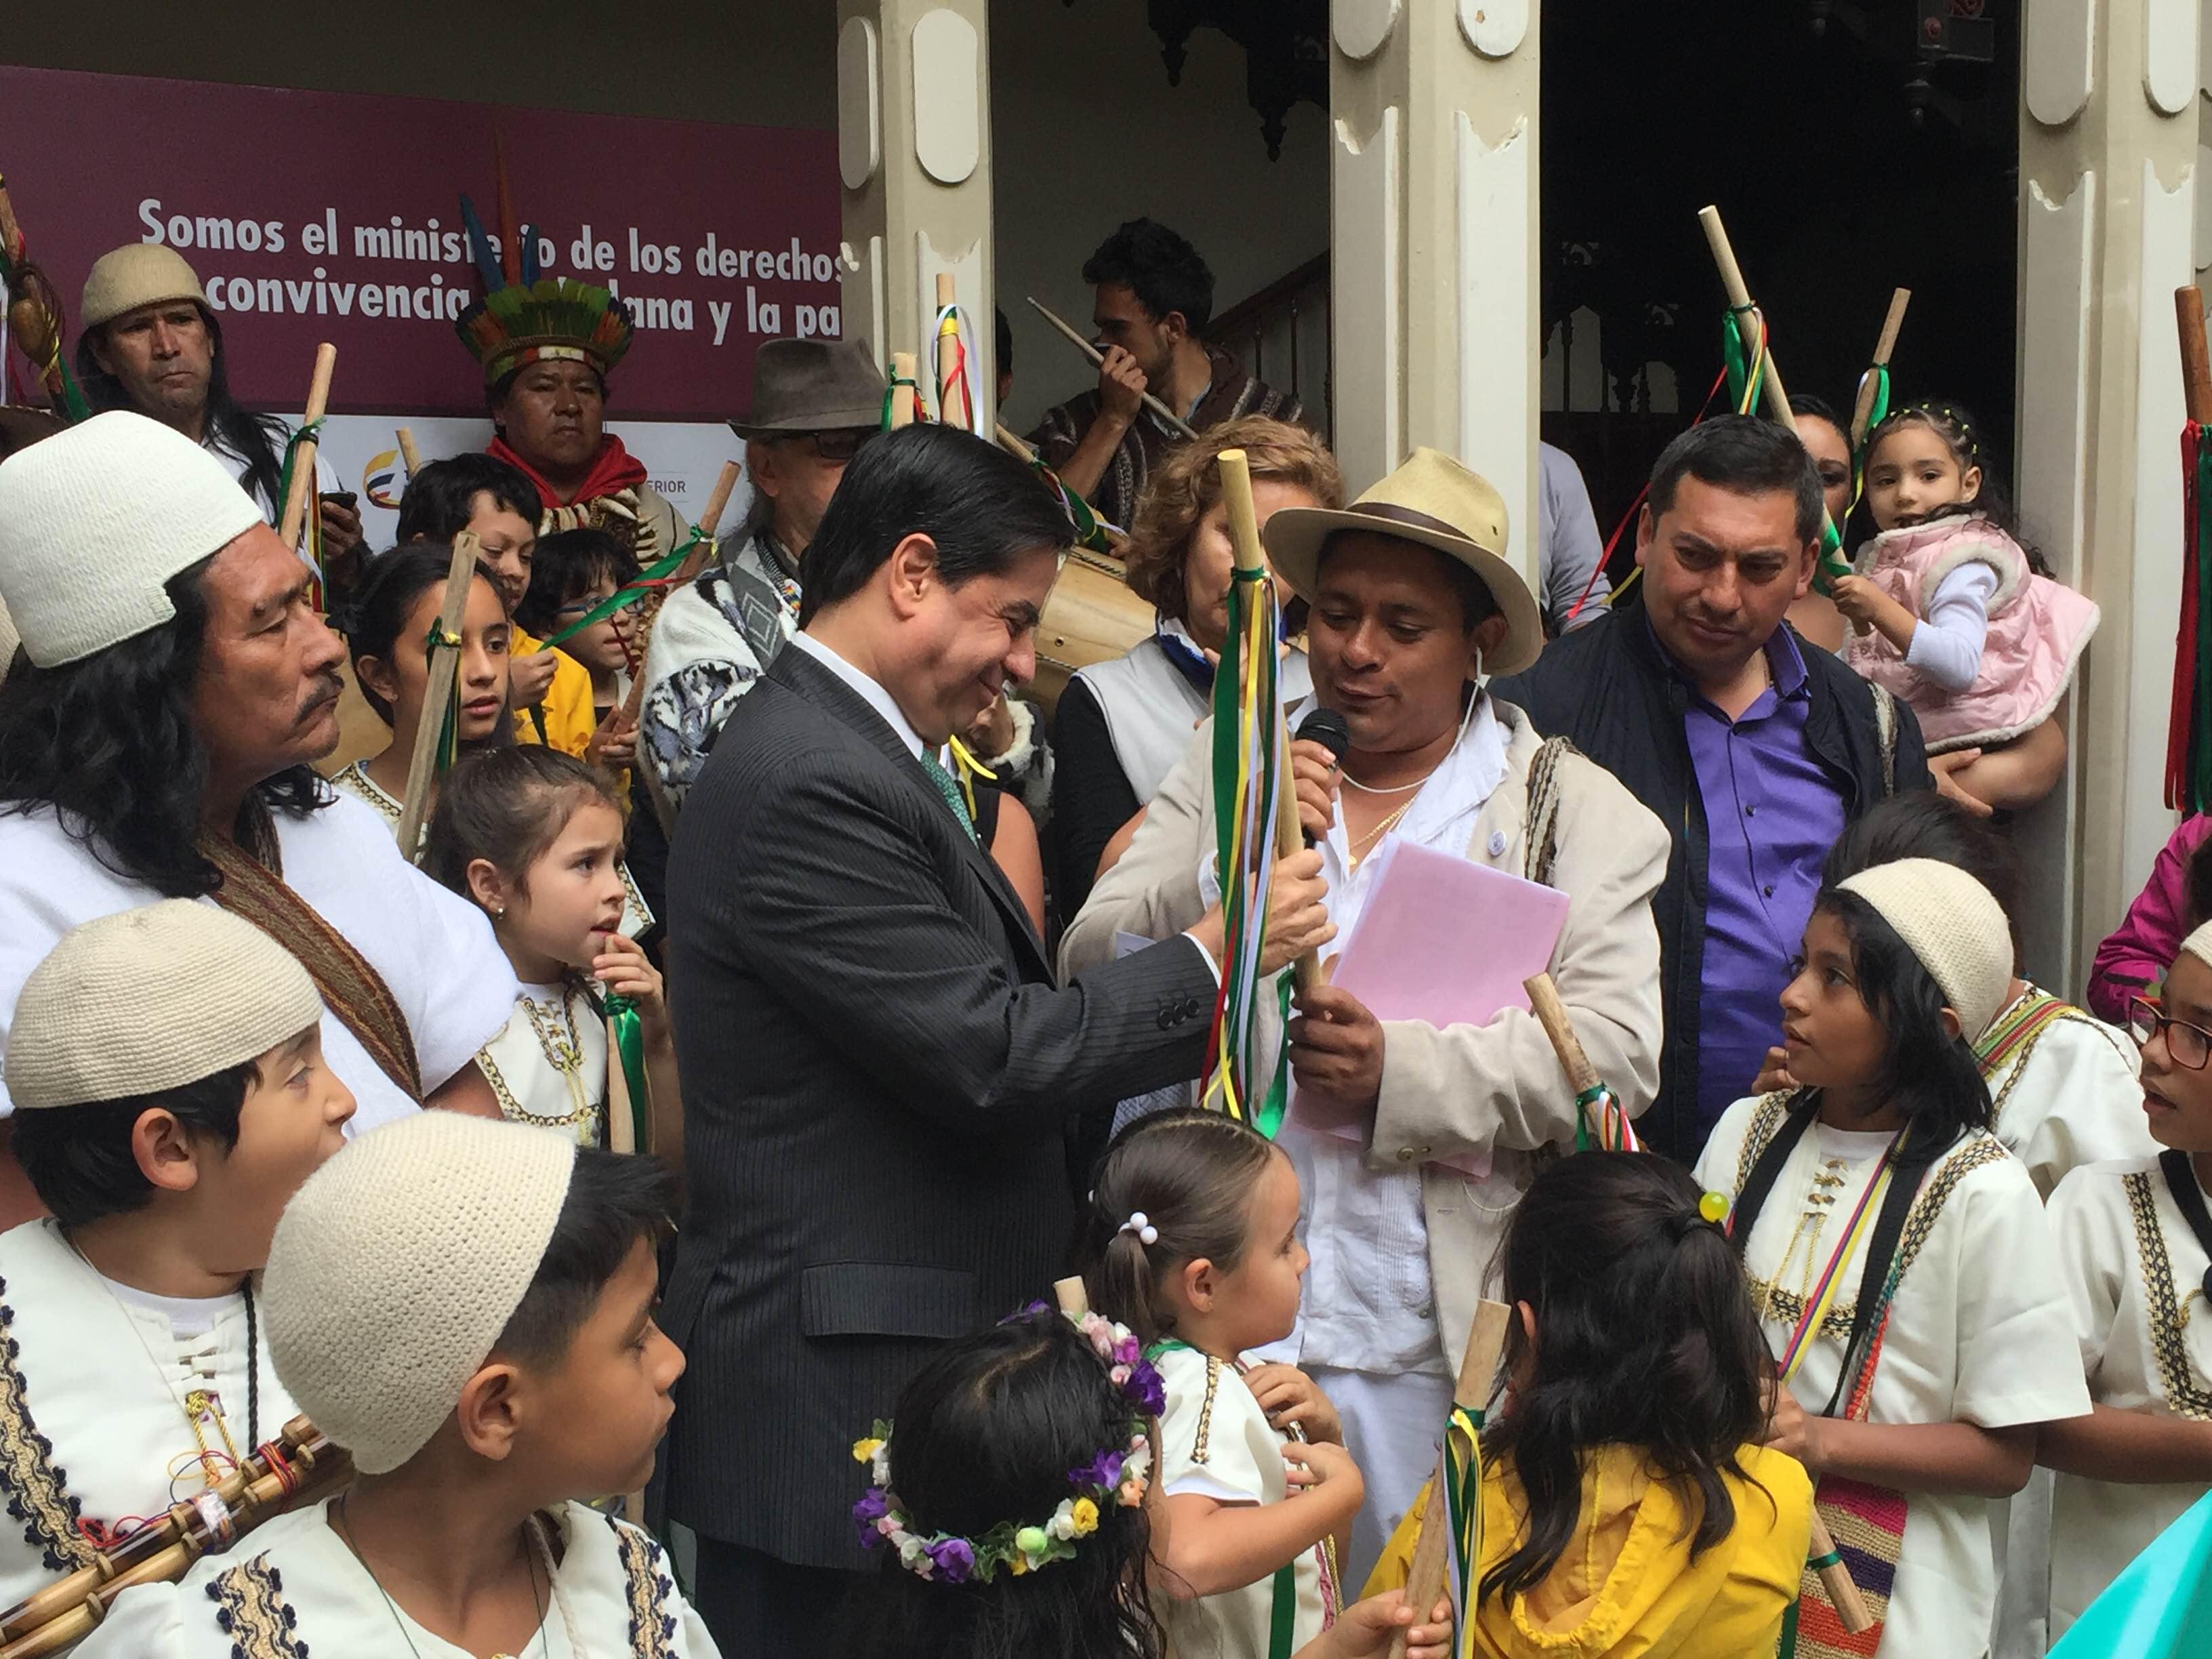 Con entrega del bastón de la Paz al Ministro del Interior, Pueblos Indígenas reiteran su vocación histórica de paz y apoyo al Sí a la Paz